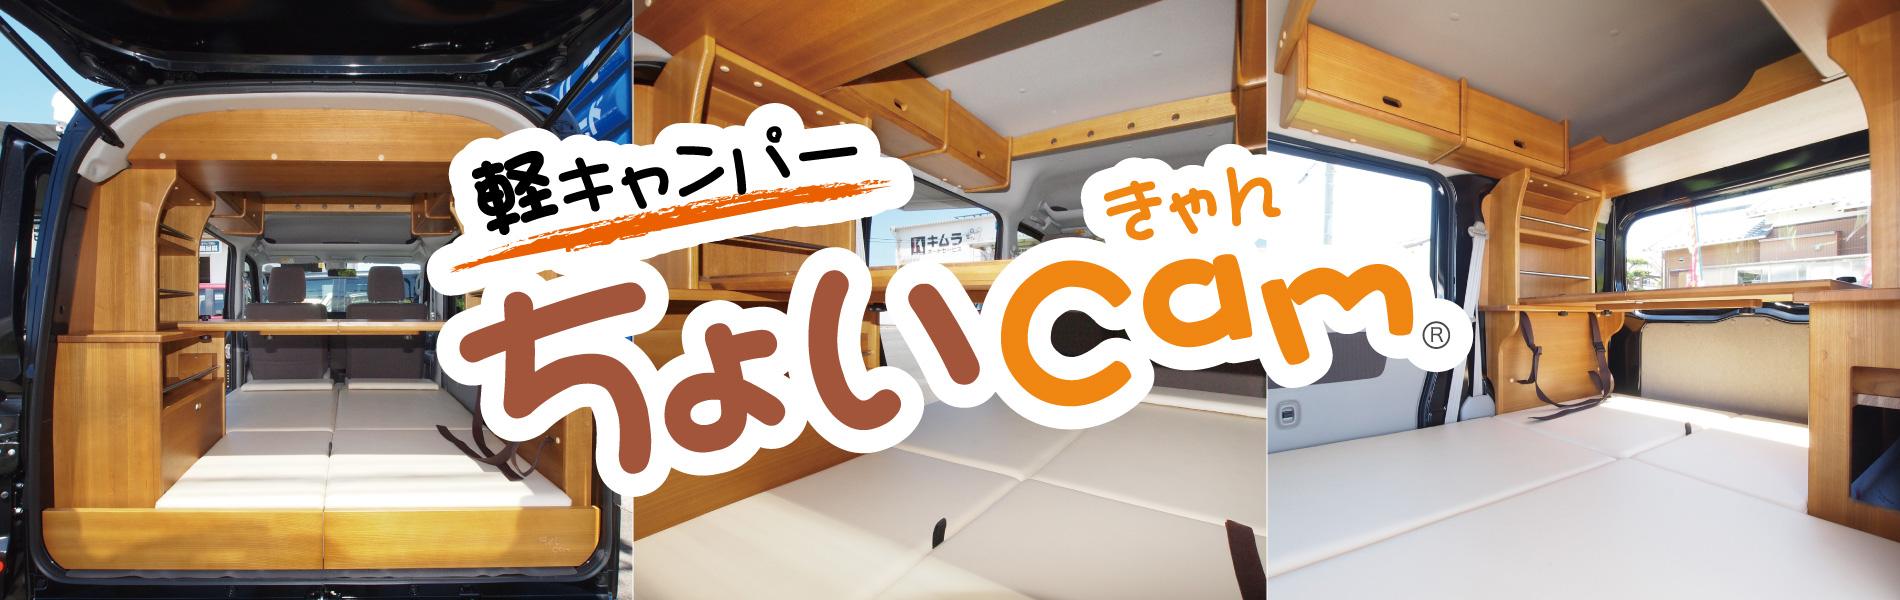 軽キャンパー「ちょいCam」